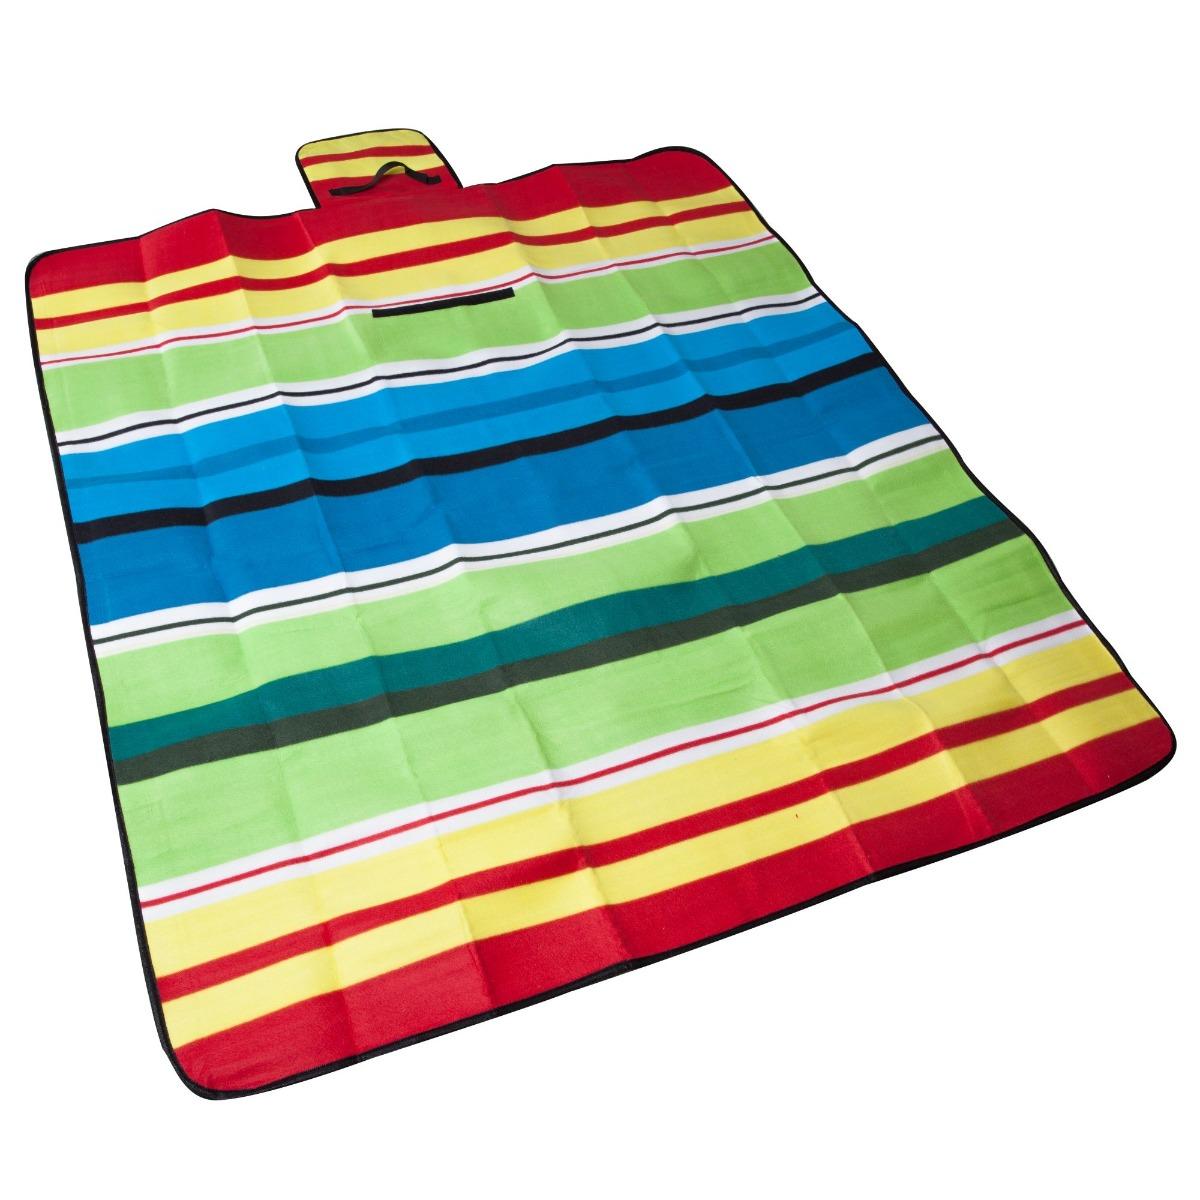 Patura pentru picnic Maxtar Fleece Plus, 150 x 135 cm imagine